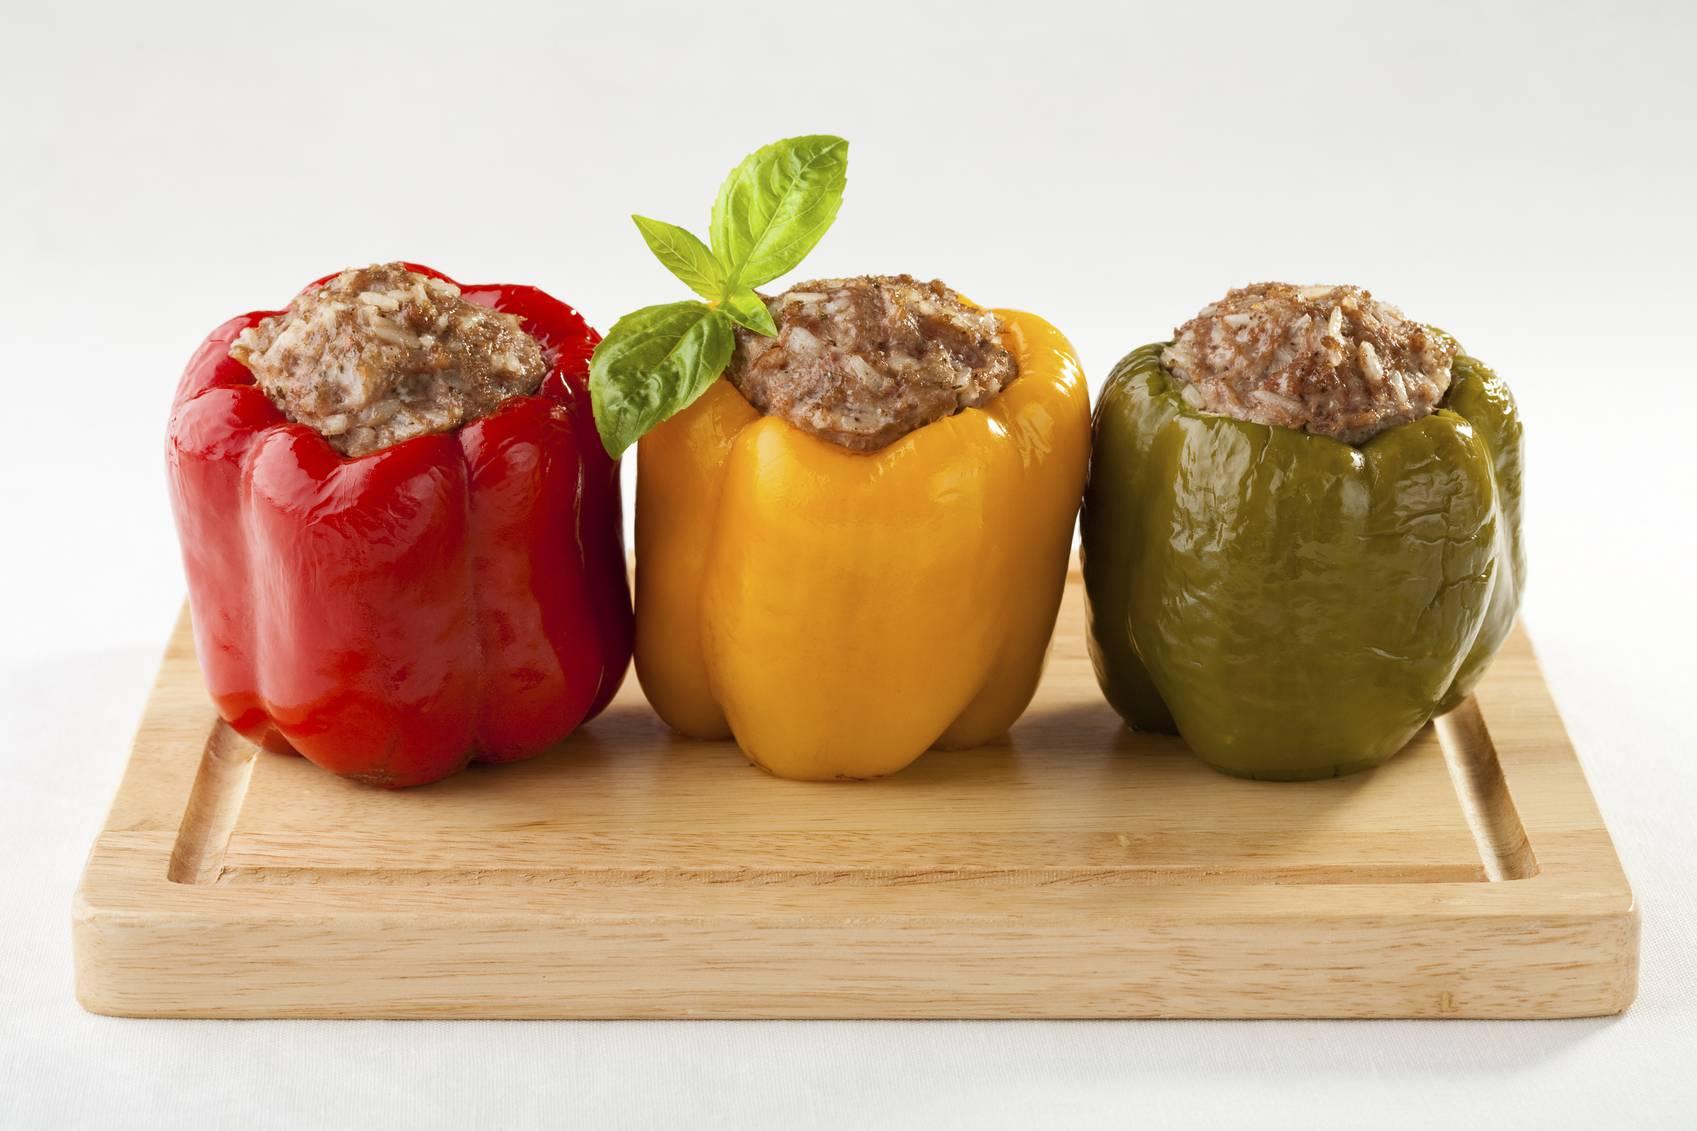 Peperoni ripieni di pane e tonno, un secondo piatto irresistibile e profumato